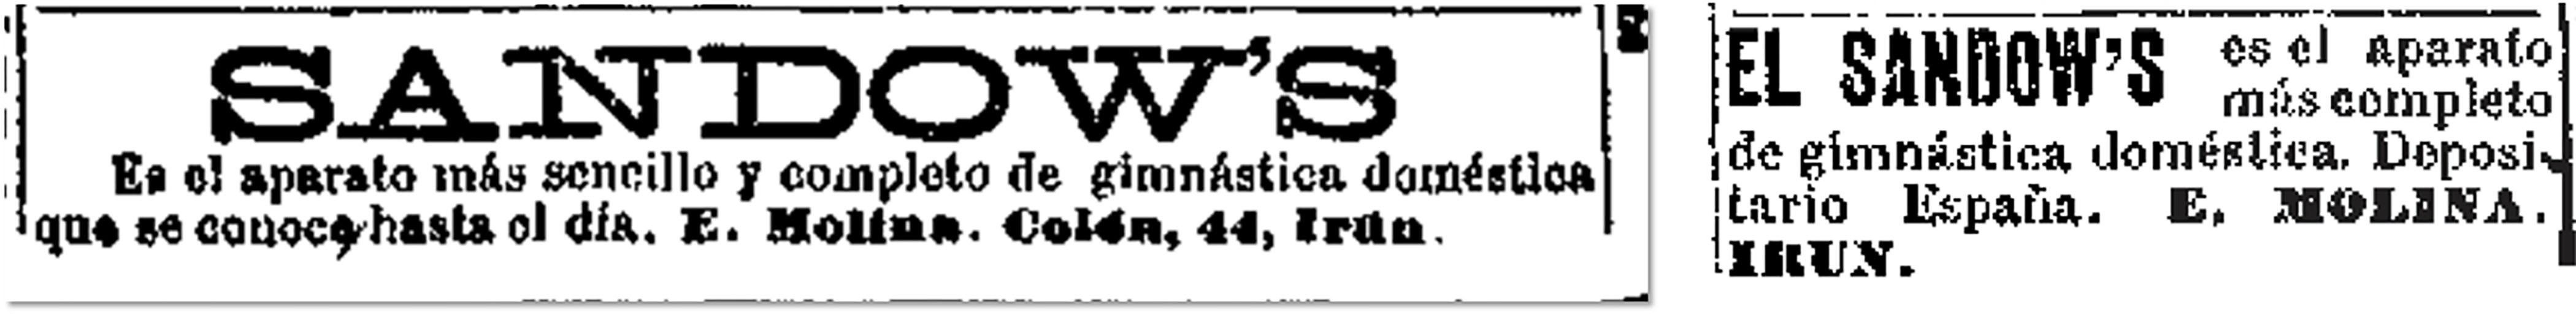 El Liberal, 11 de enero de 1900, p. 4; 15 de septiembre de 1900, p. 4